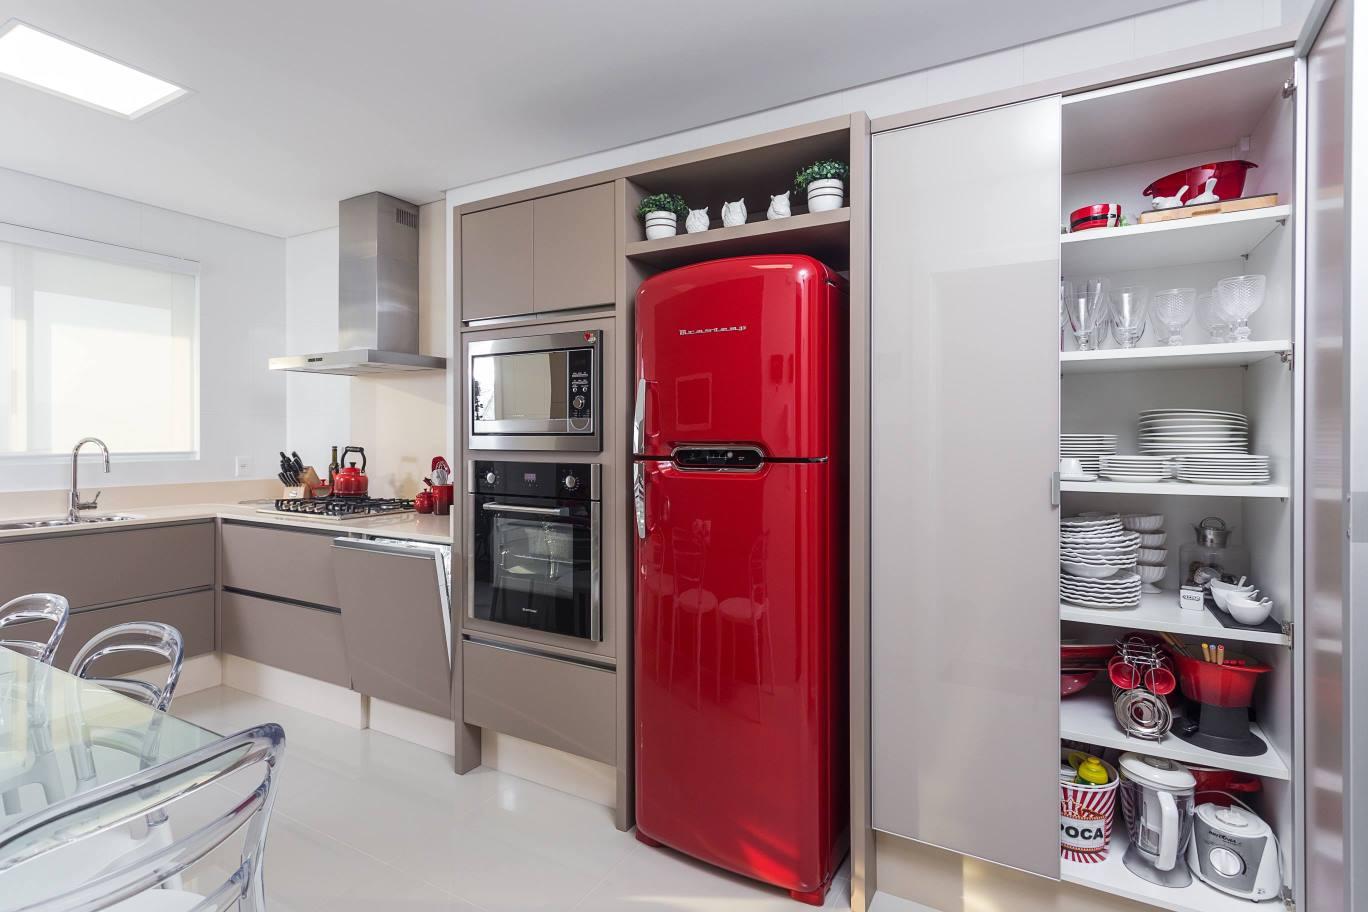 Eletrodomésticos: geladeira e lava louças embutidas no armário  #B3182C 1368 912